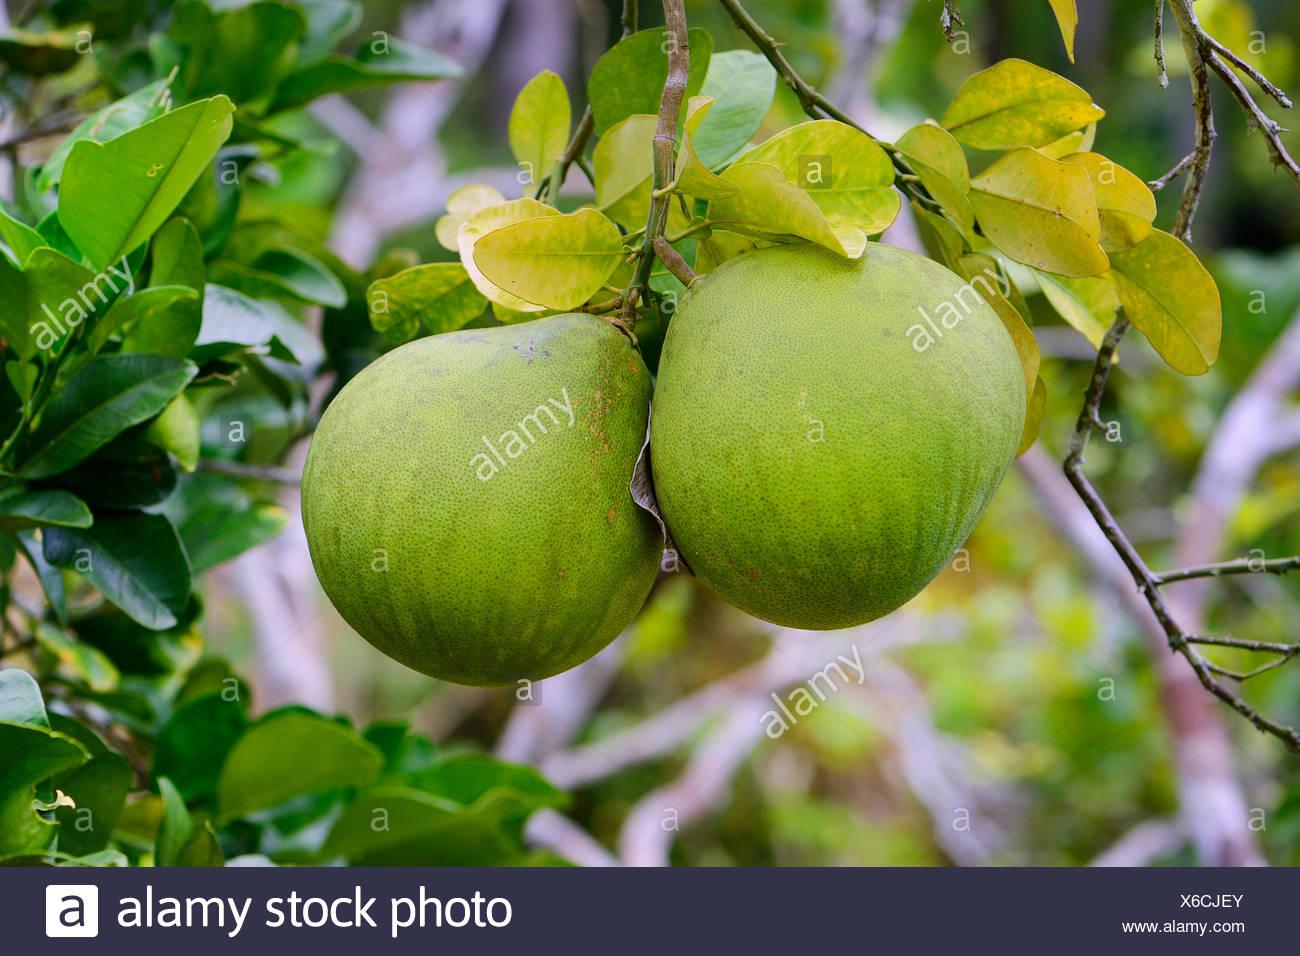 Lieblings Pomelo (Citrus grandis, Citrus maxima), Pomelos am Baum @IL_01